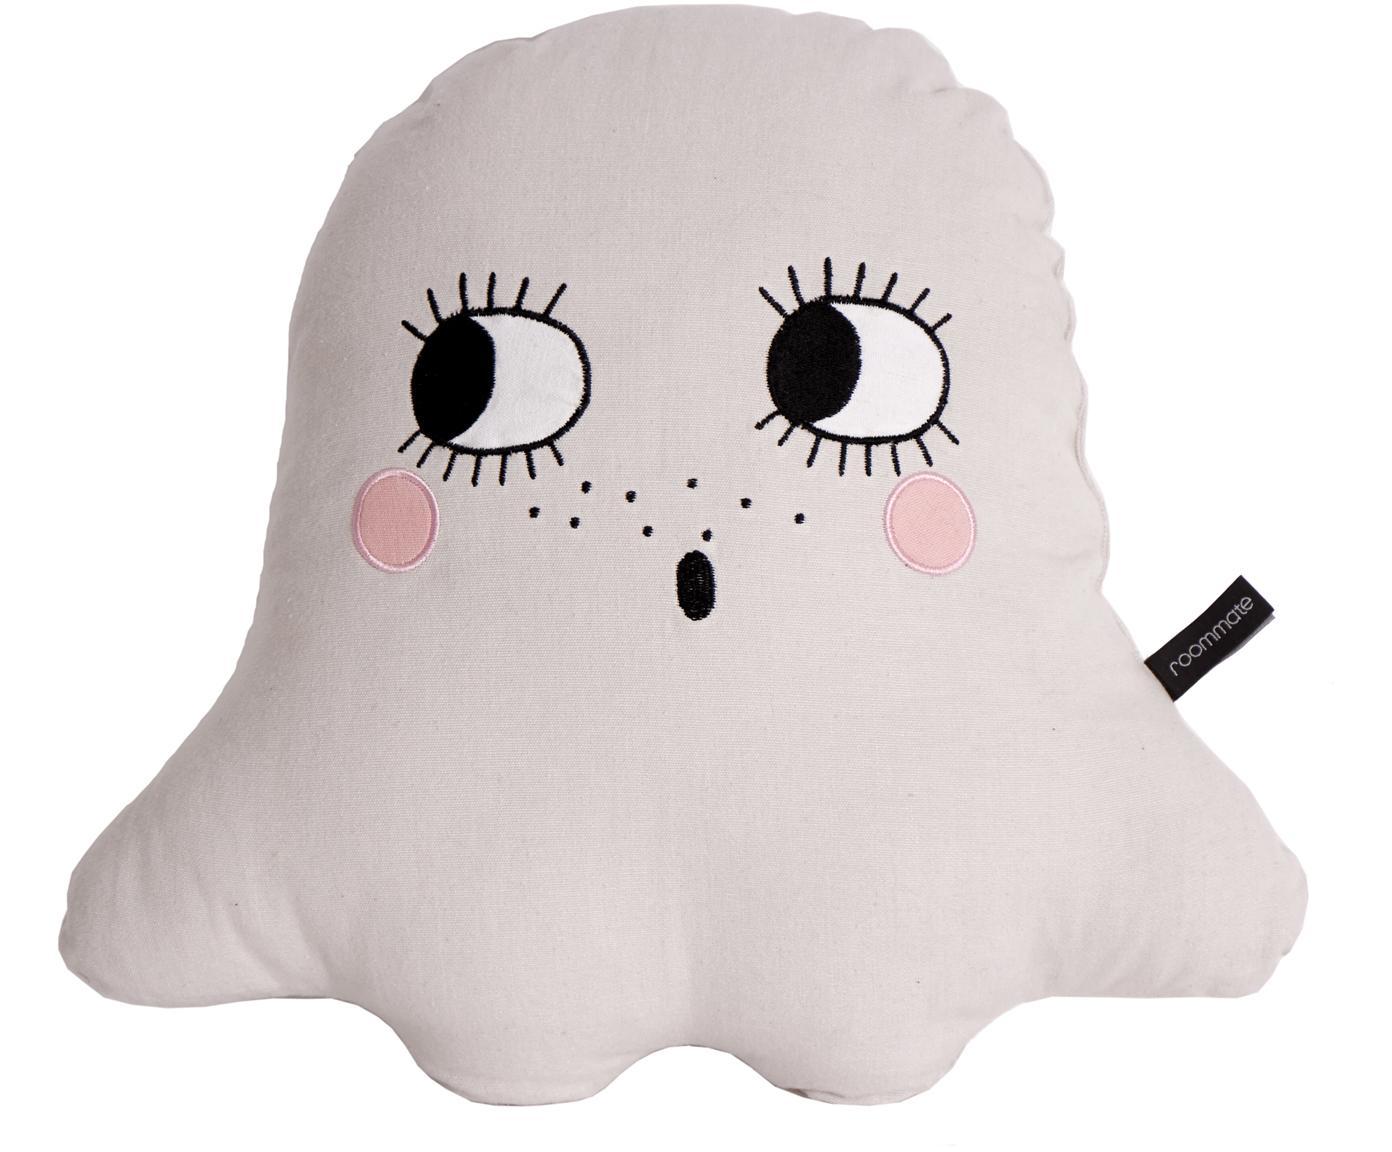 Kissen Ghost aus Bio-Baumwolle, mit Inlett, Bezug: Bio-Baumwolle, OCS-zertif, Weiß, 42 x 42 cm